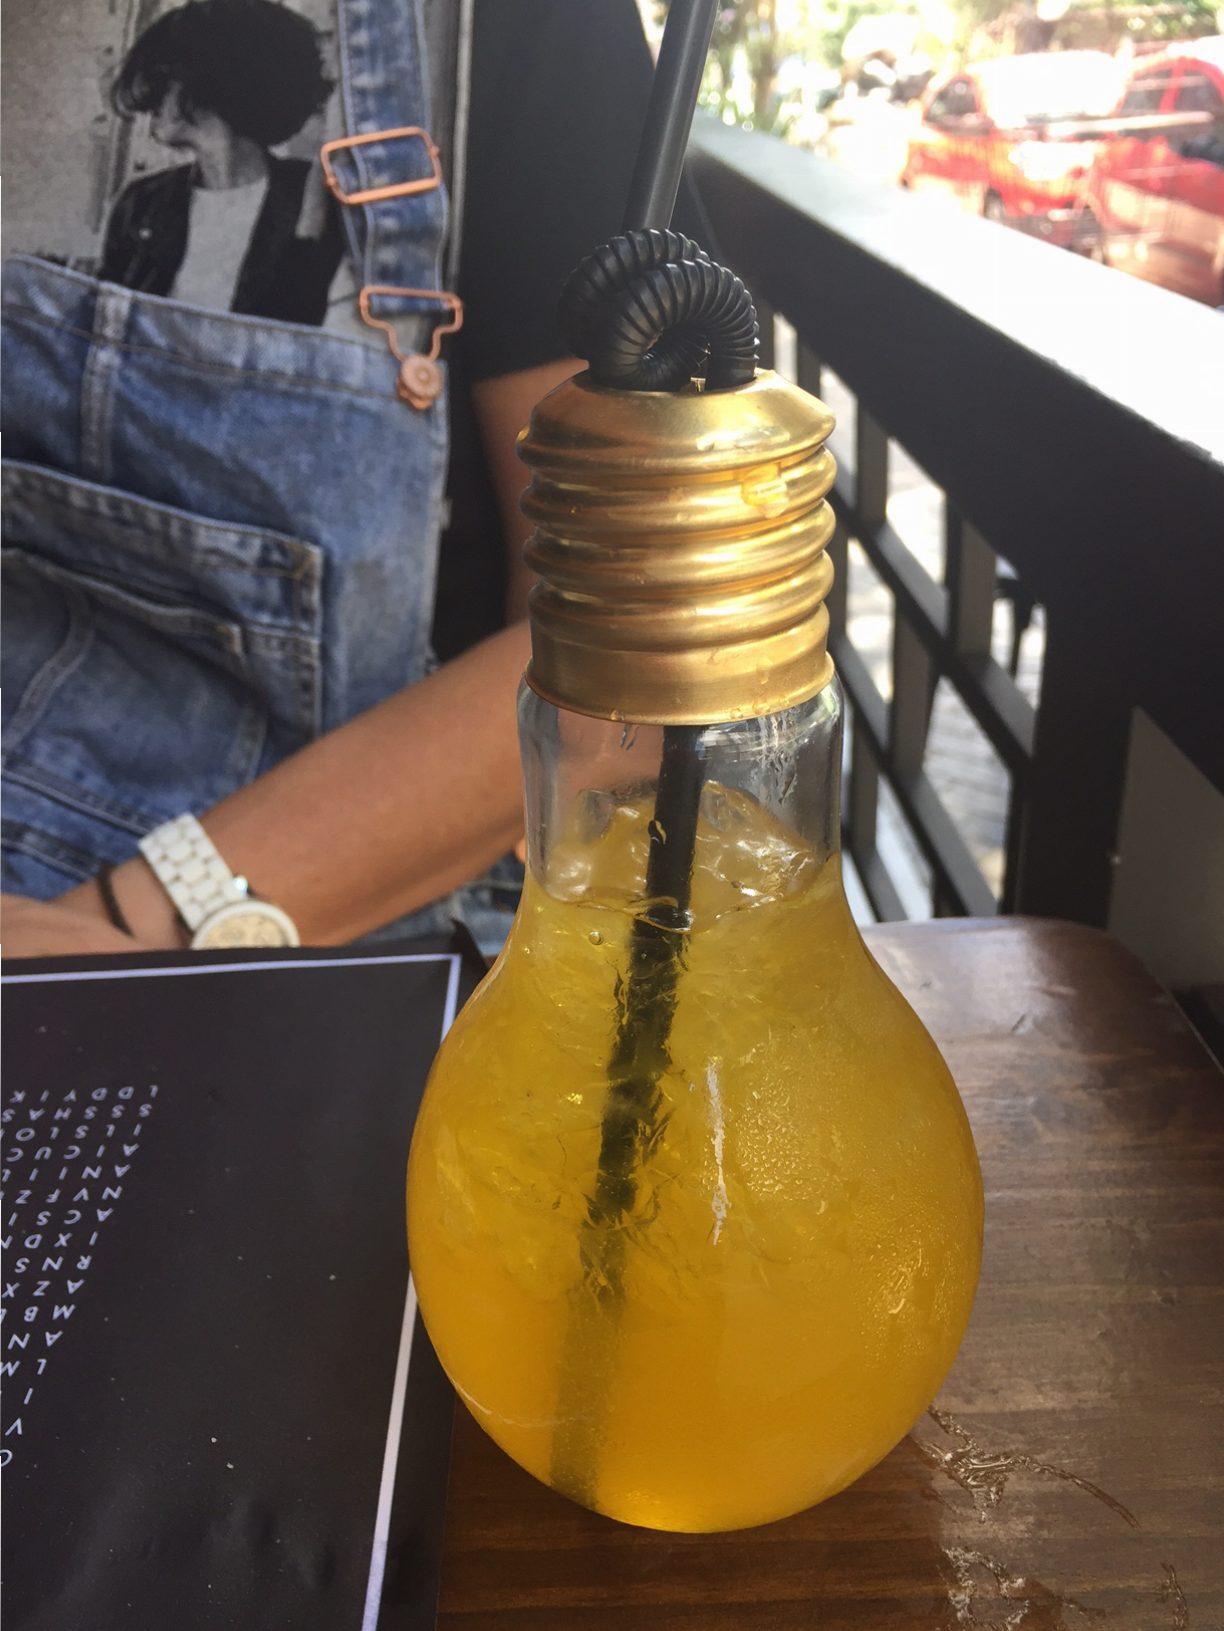 A Luz no Fim do Túnel: dentro de um copo que parece uma lâmpada, vem o bem servido drink a base de maracujá, espumante e vodka